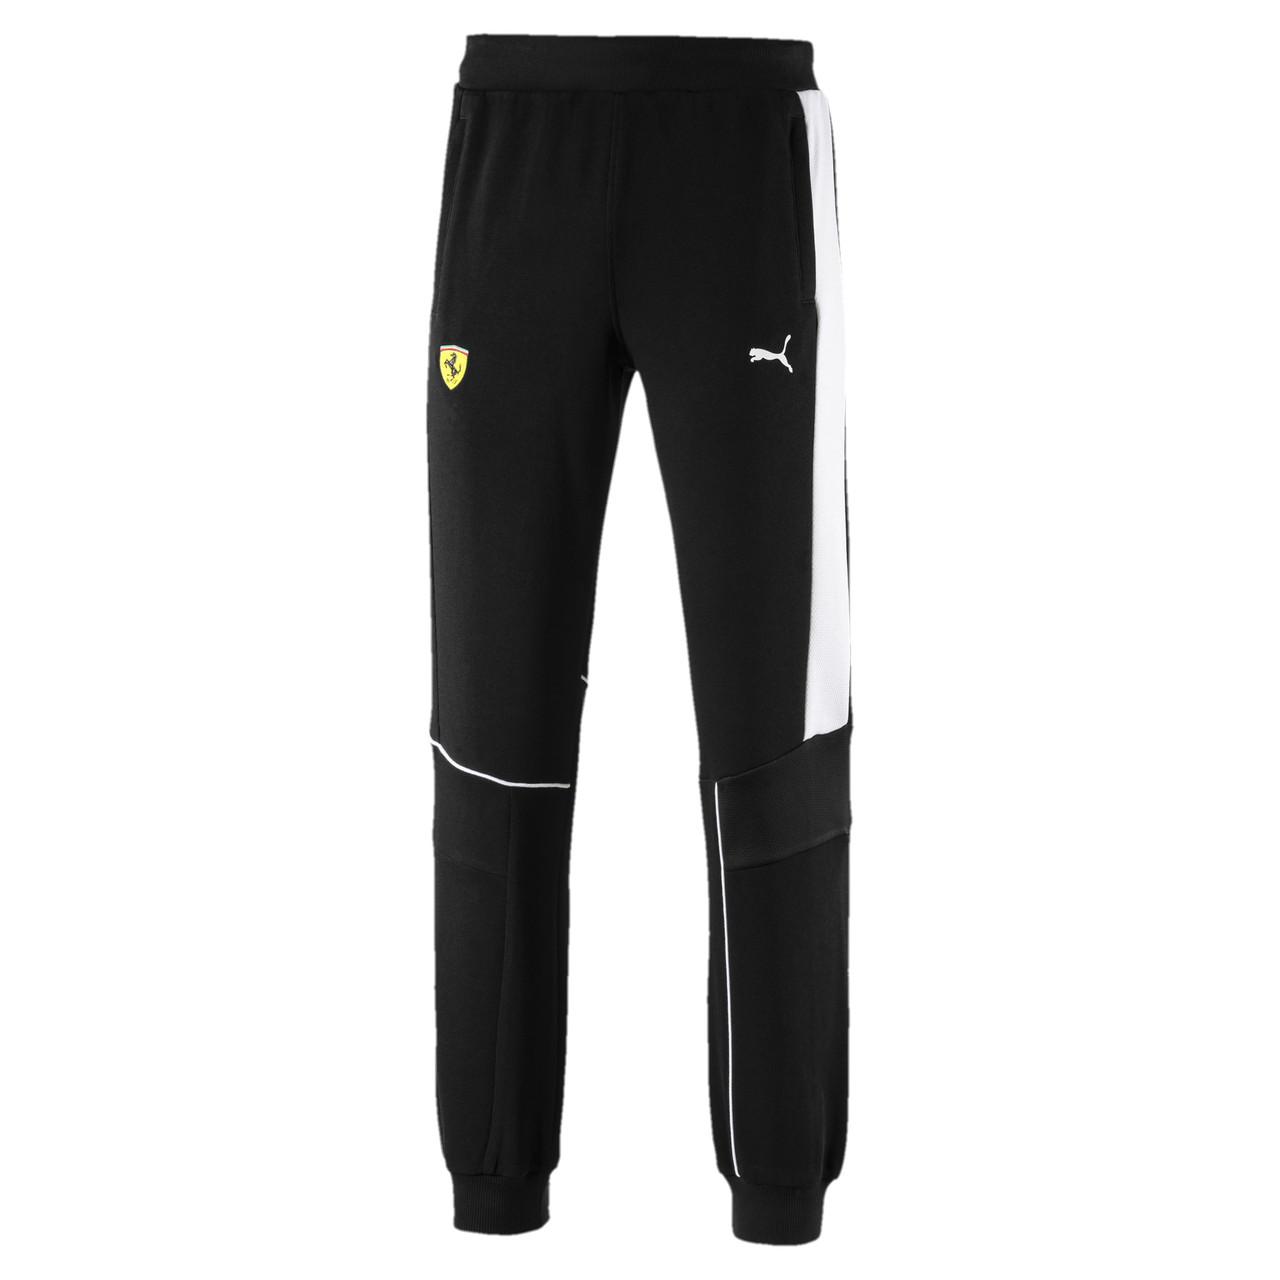 Мужские спортивные брюки Sf Sweat